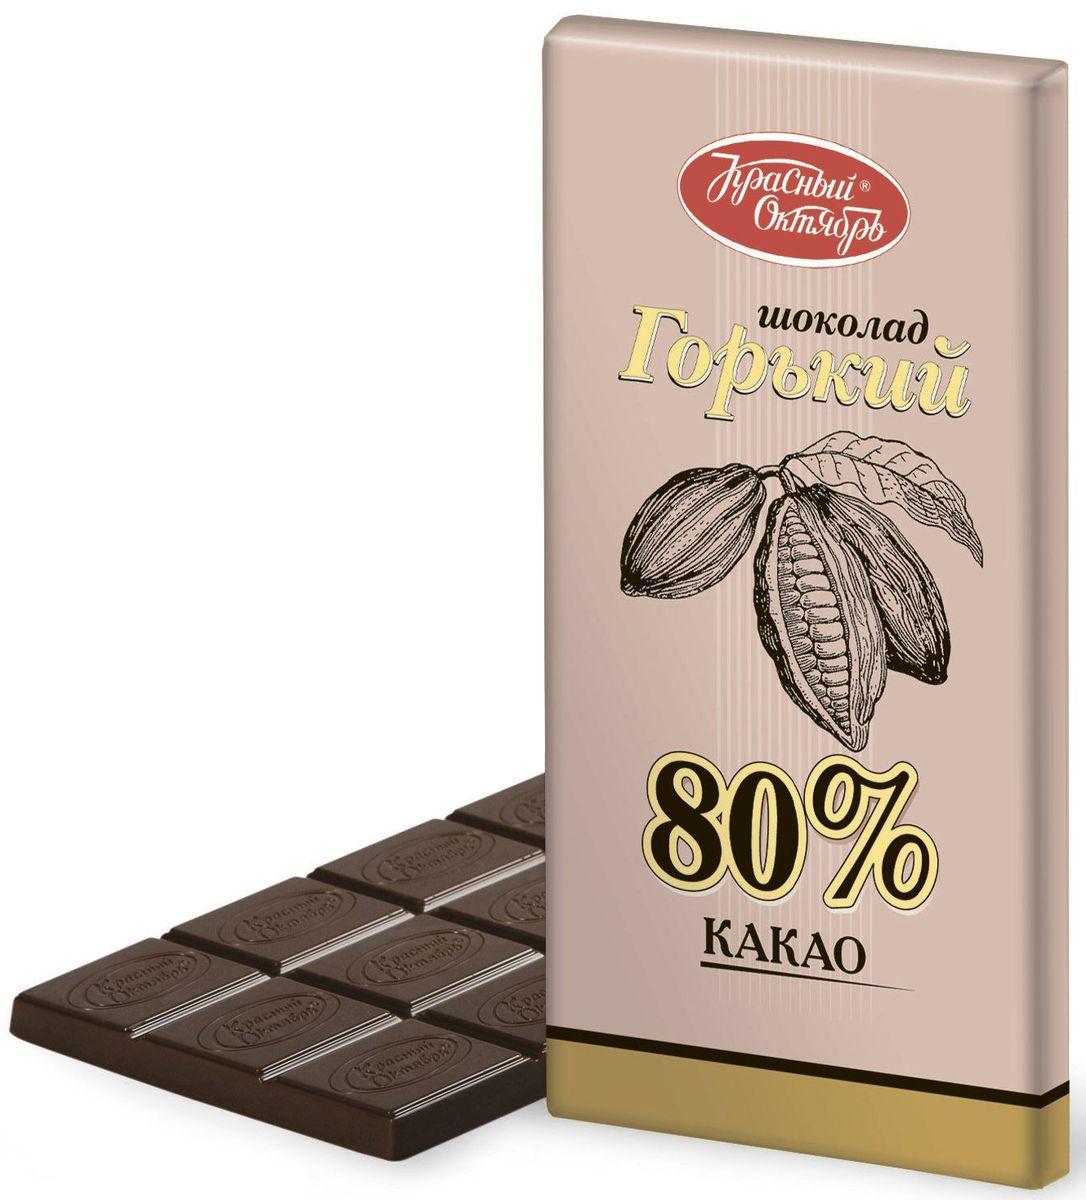 Красный Октябрь горький 80% какао шоколад, 75 г